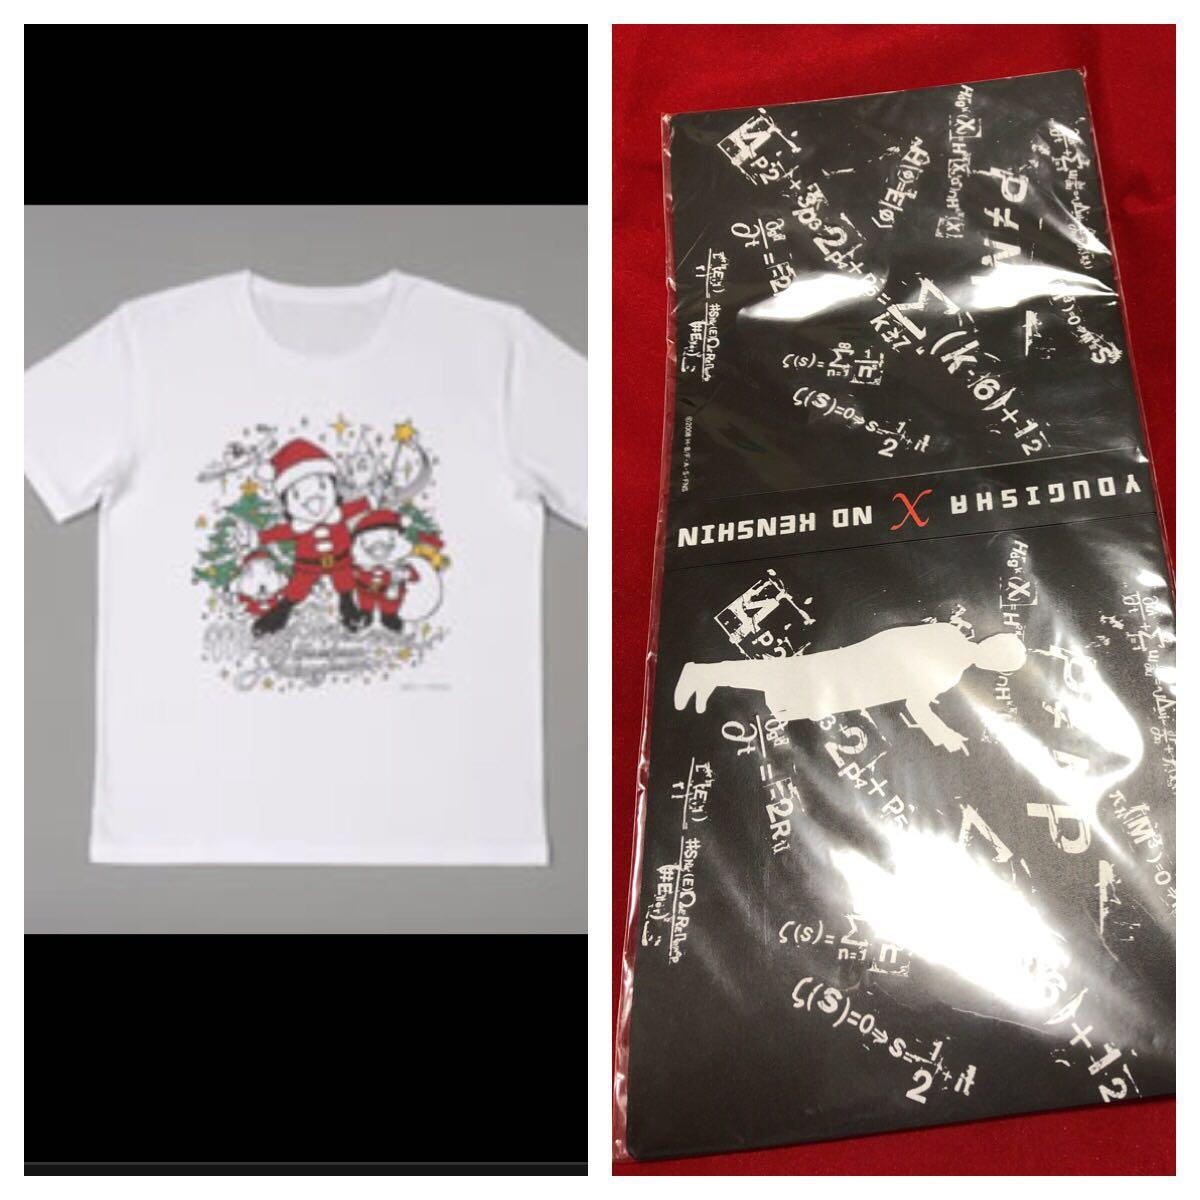 【未使用品】福山雅治 ガリレオ 圧縮Tシャツ&CDケース